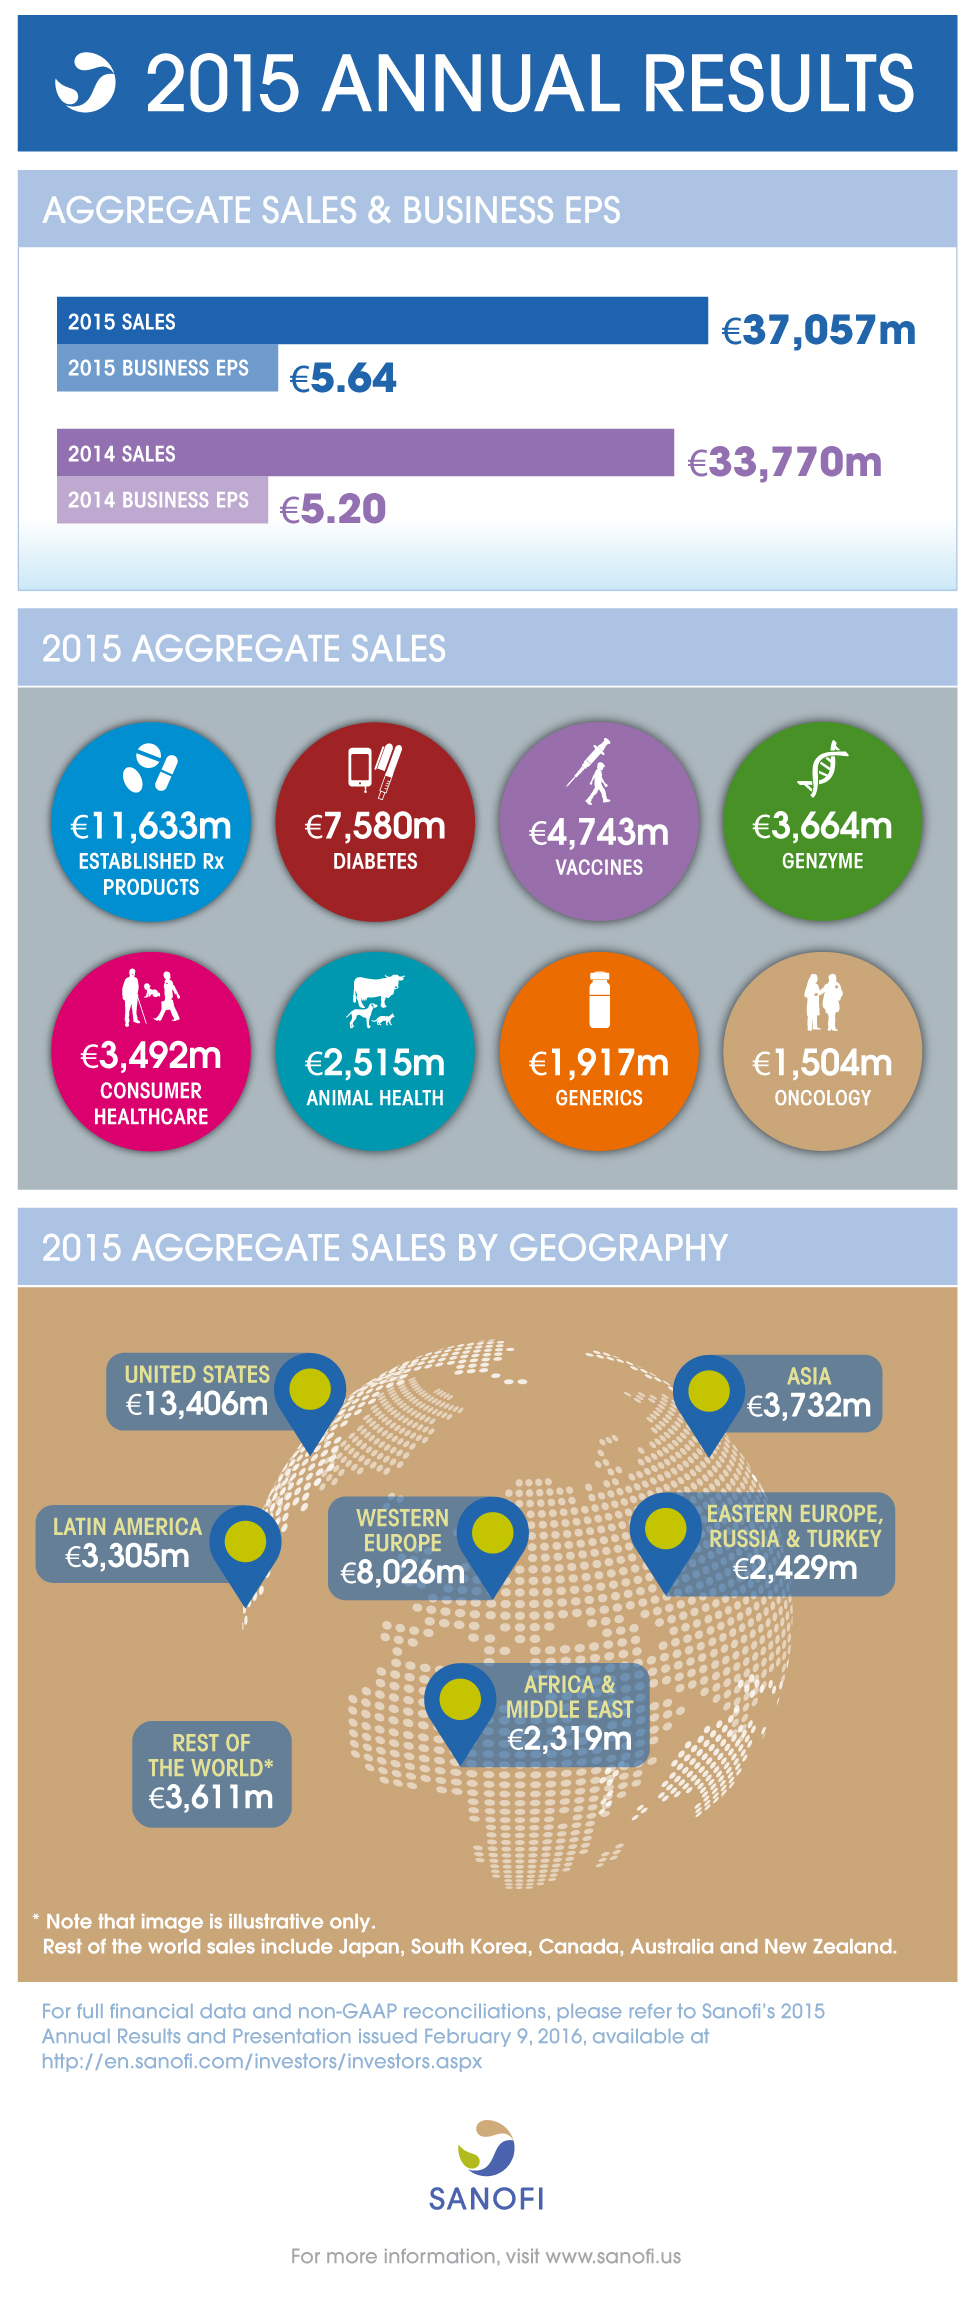 Sanofi 2015 Annual Results Infographic